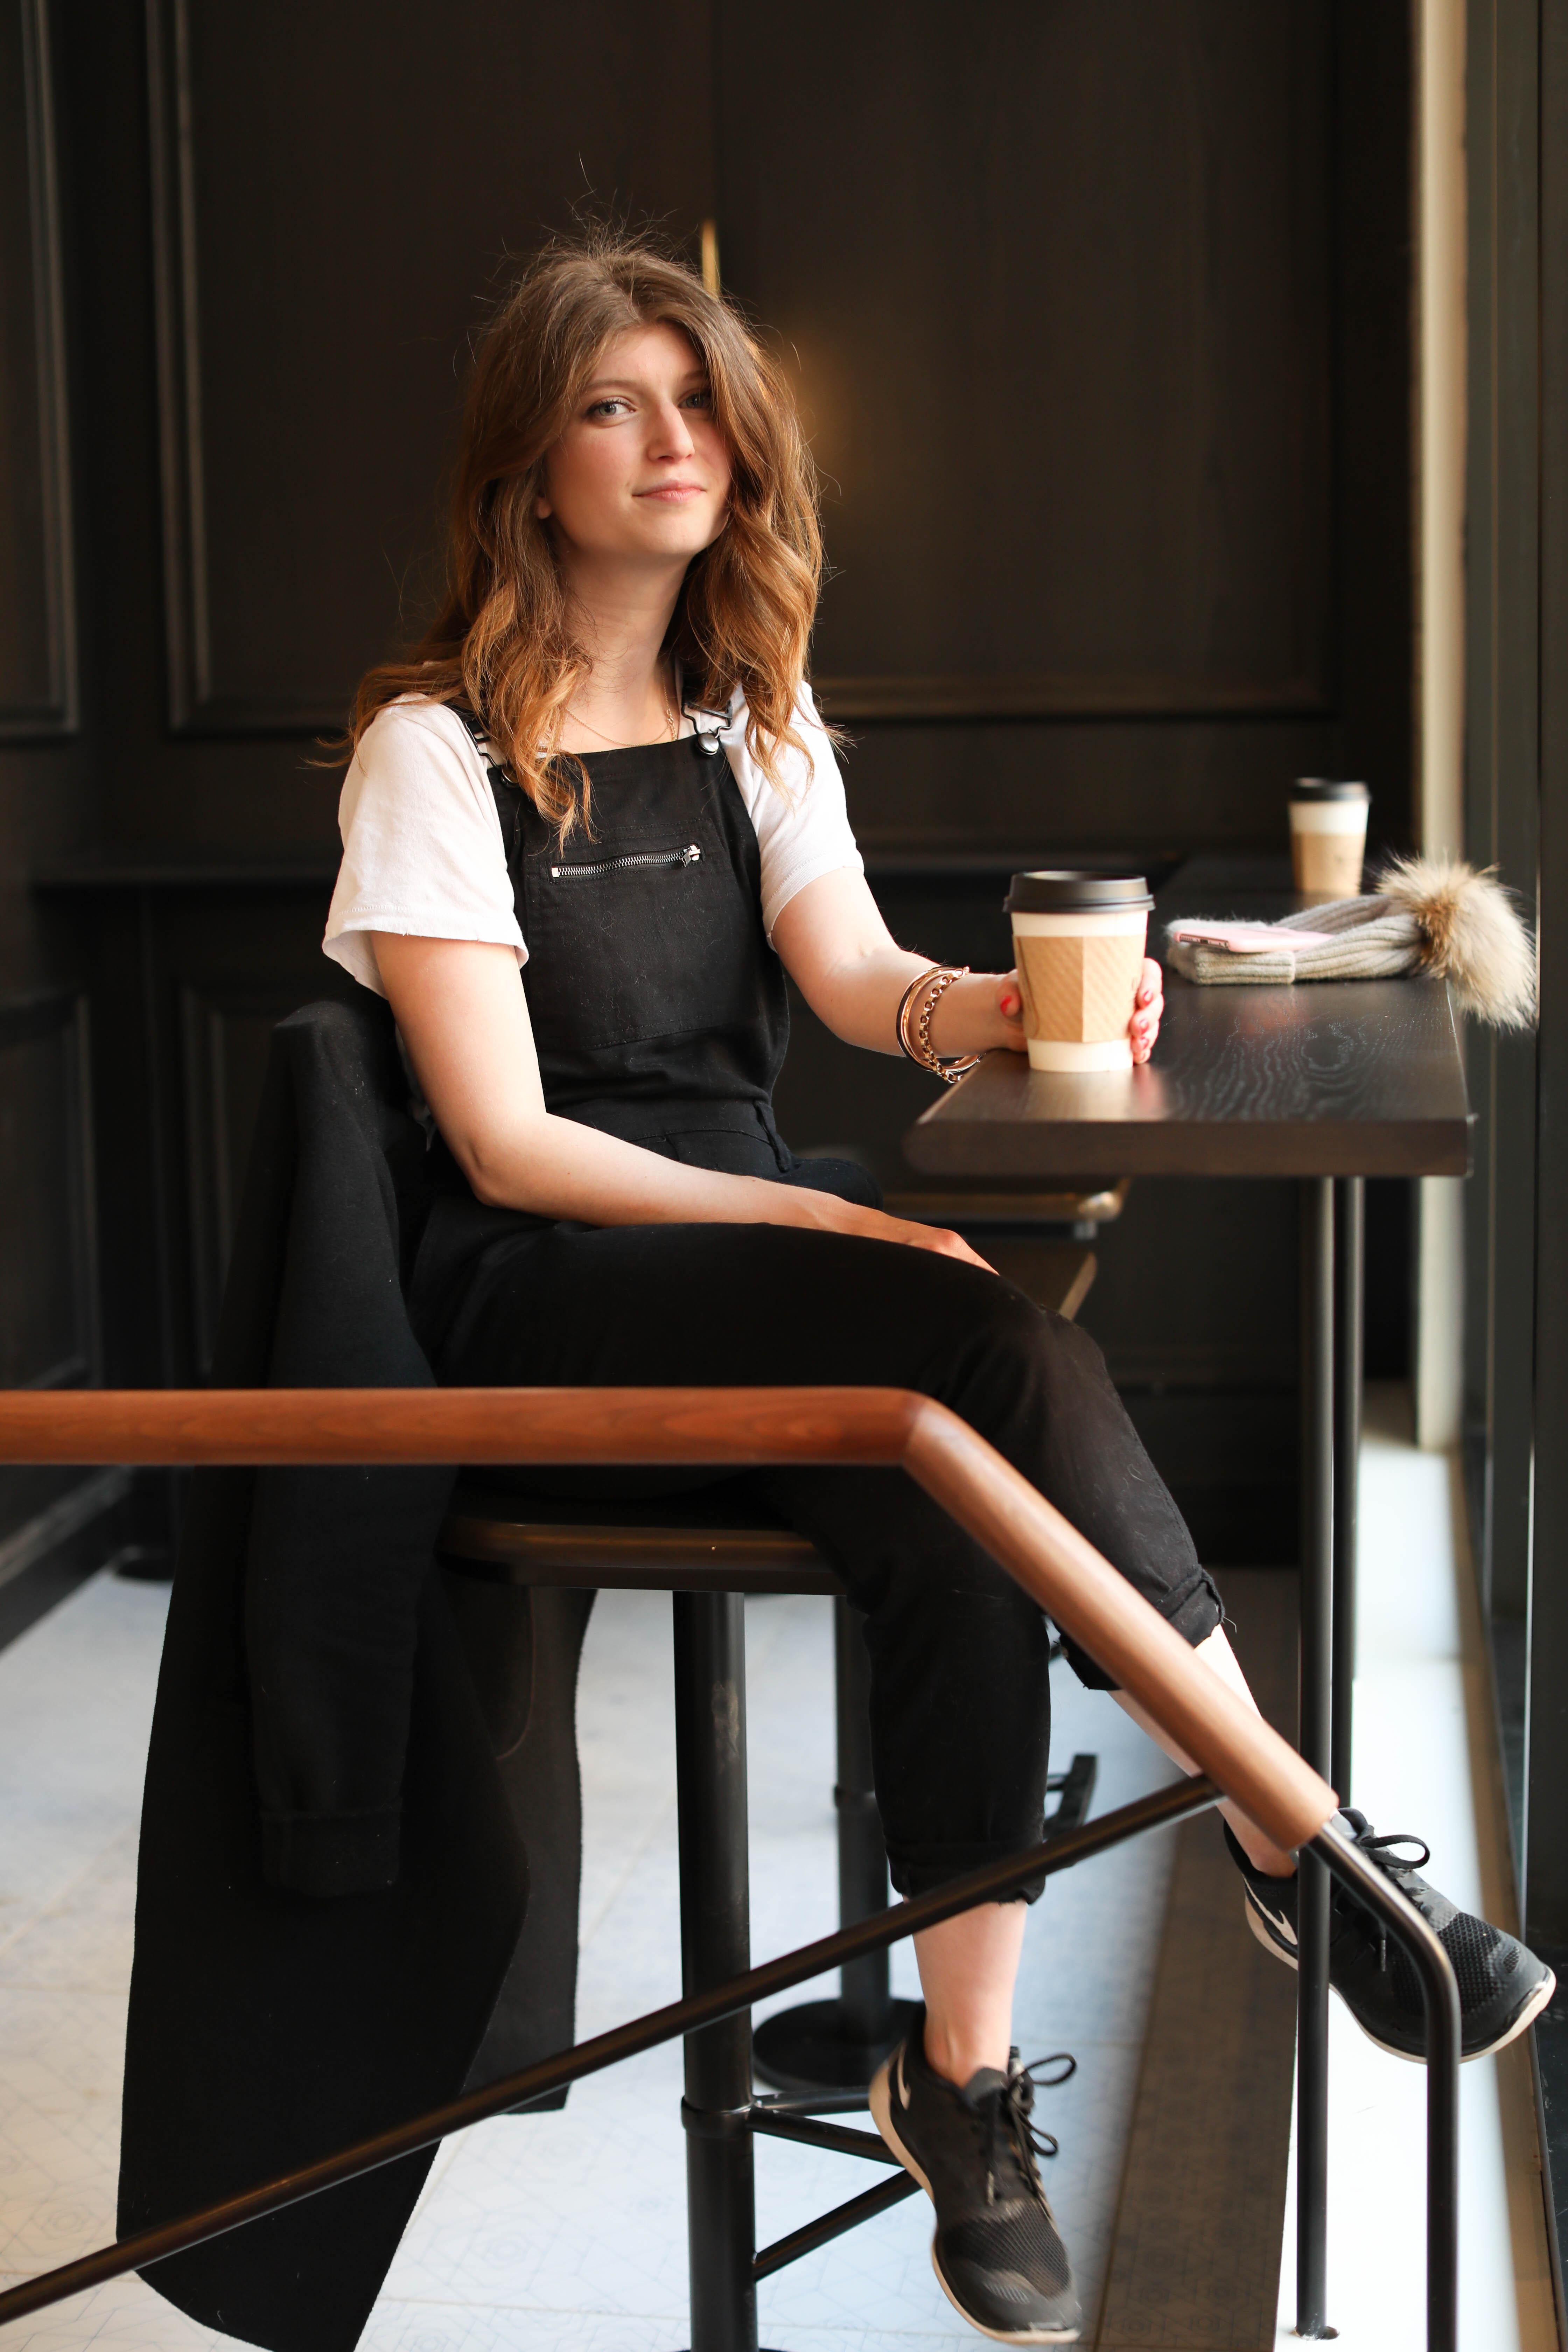 fur beanie - black overalls - thompson hotel nashville